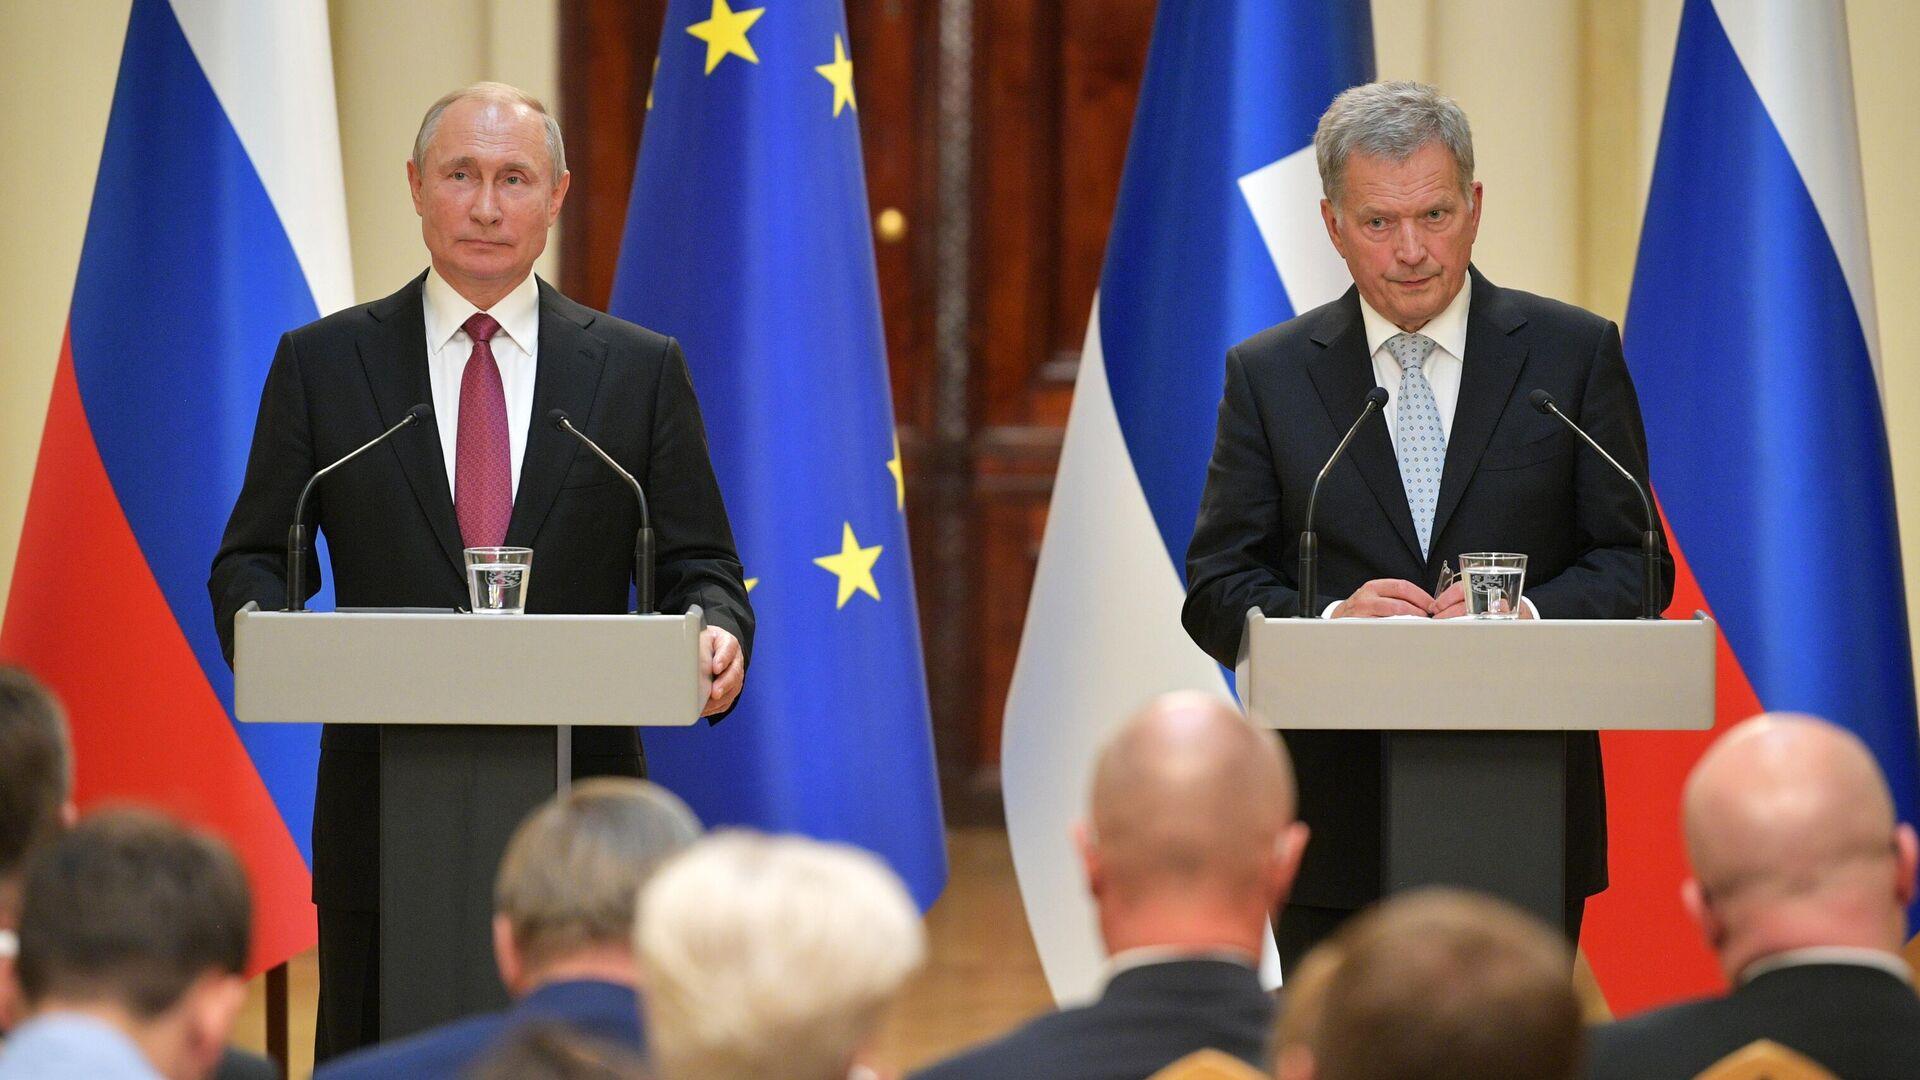 Президент РФ Владимир Путин и президент Финляндии Саули Ниинистё во время совместной пресс-конференции - РИА Новости, 1920, 17.09.2021